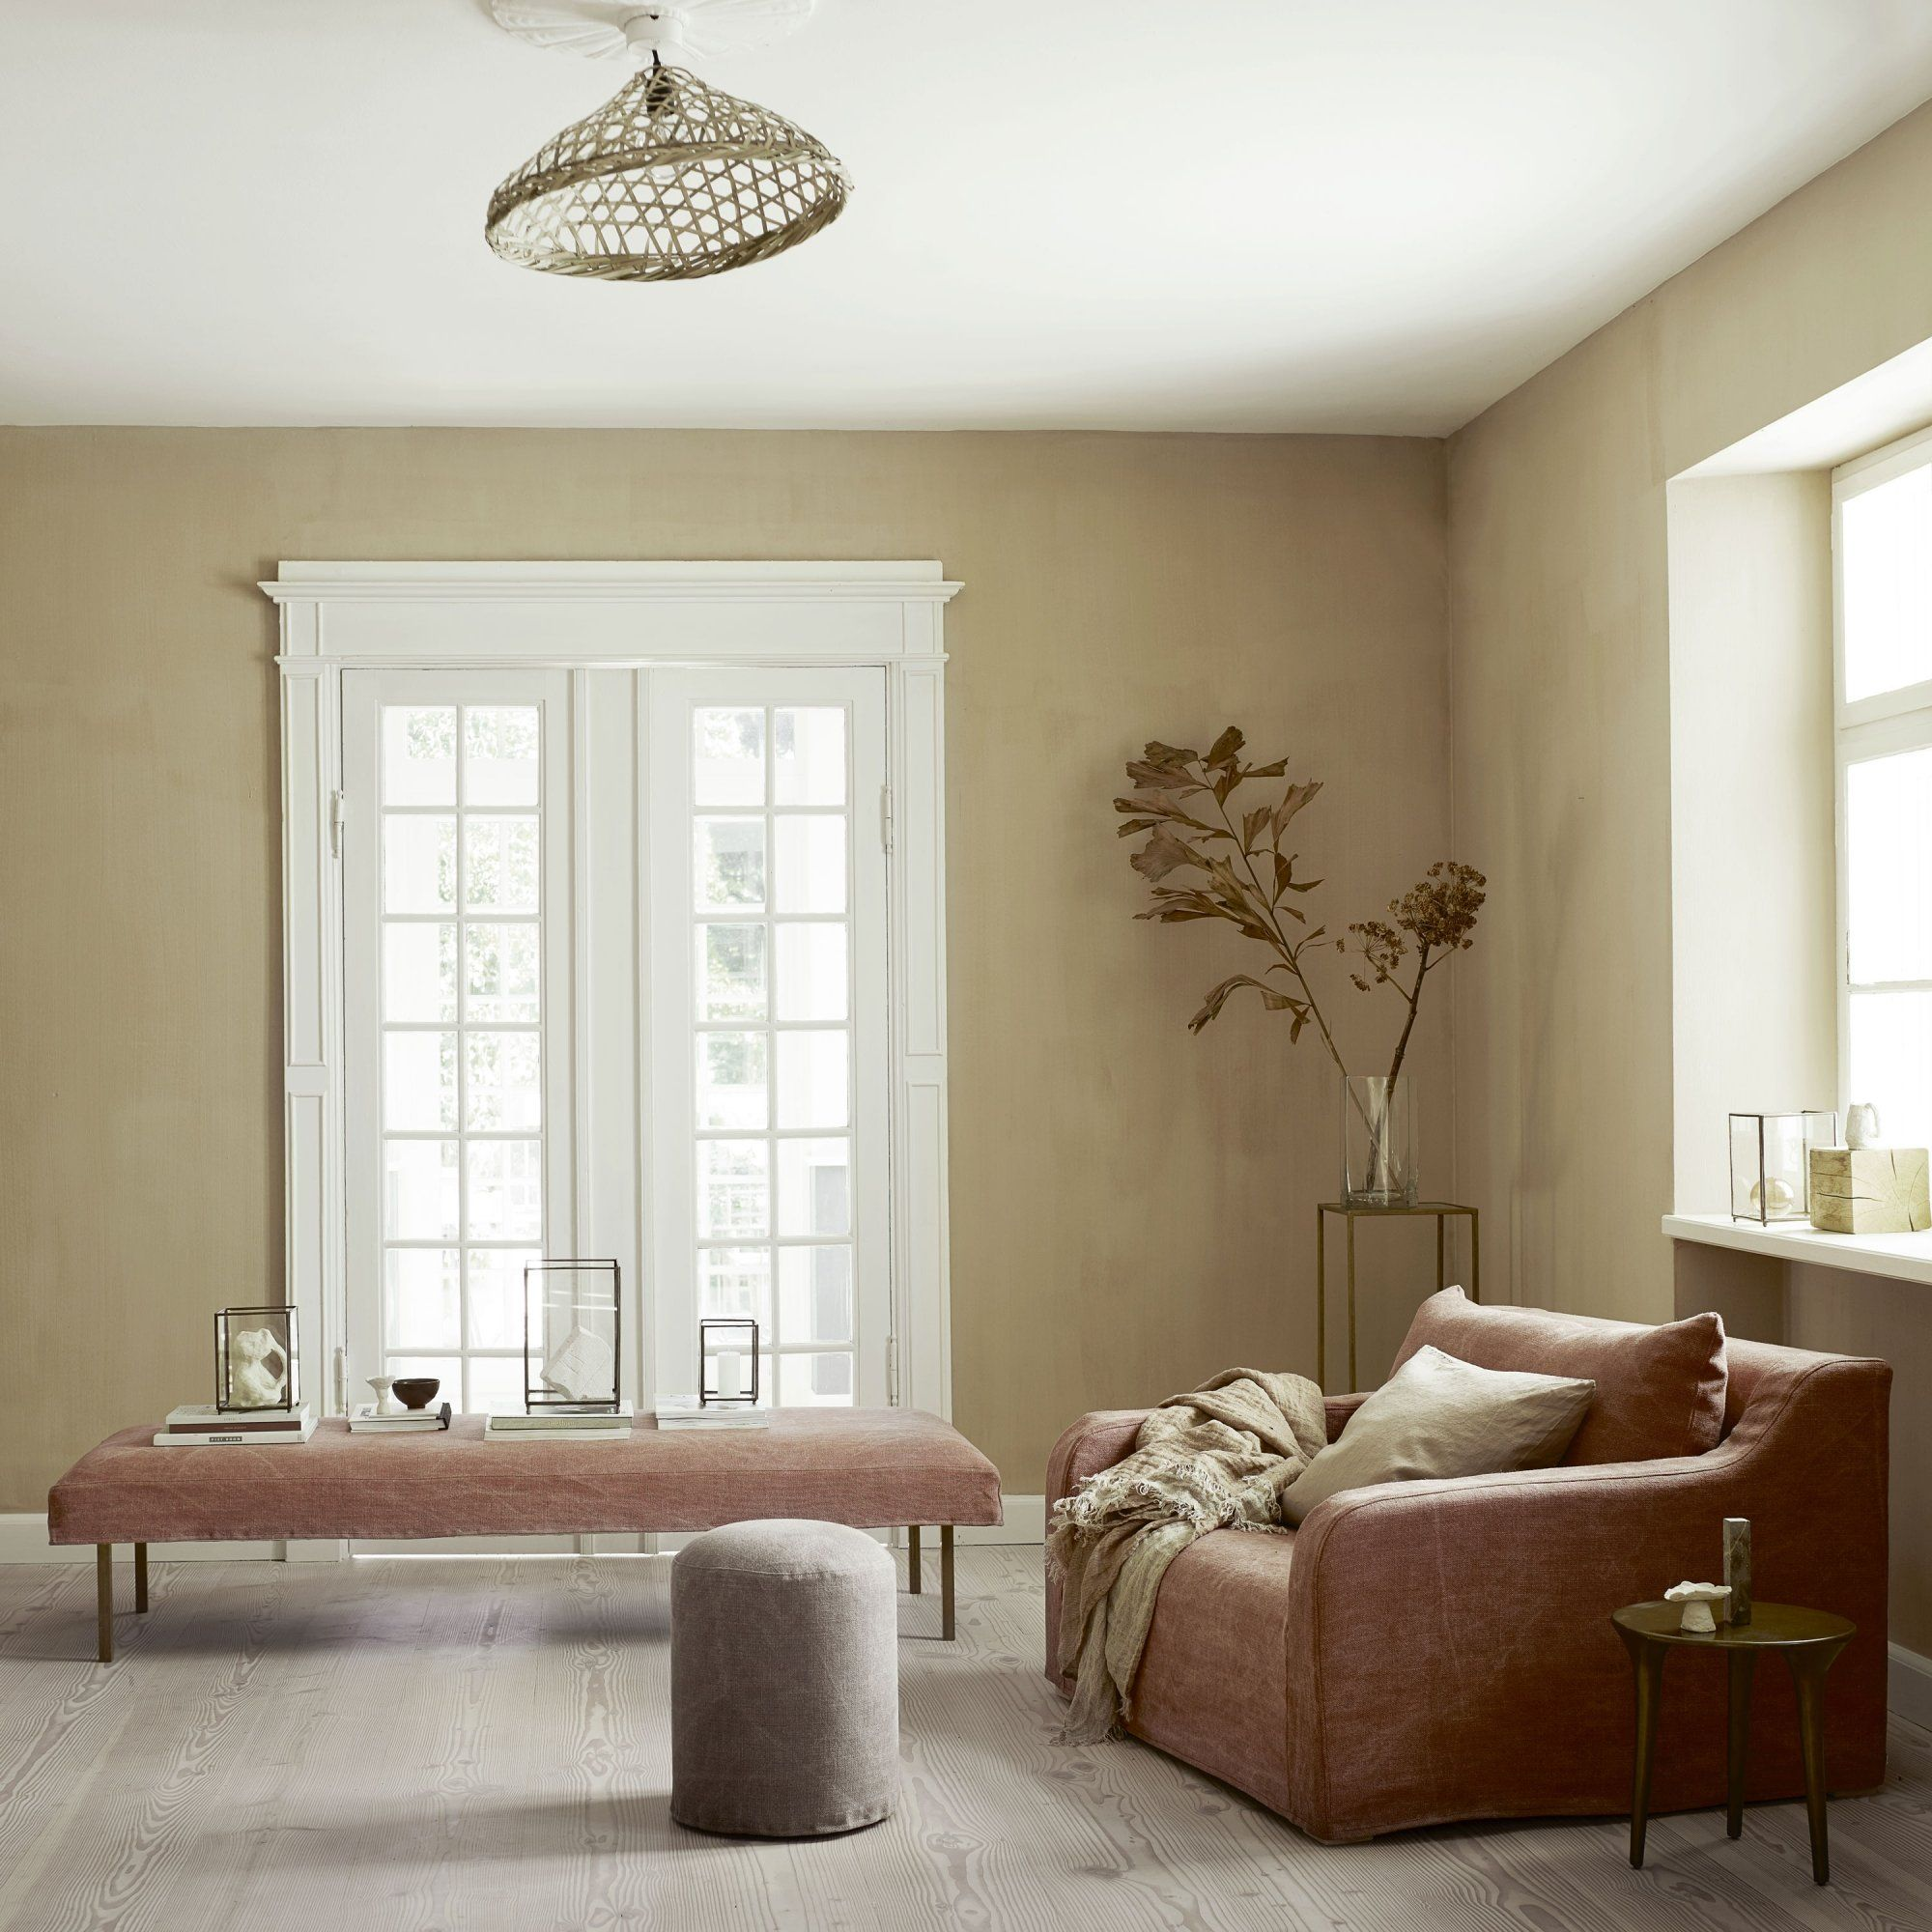 salon fauteuil et banquette rose poudré avec murs ocre ...